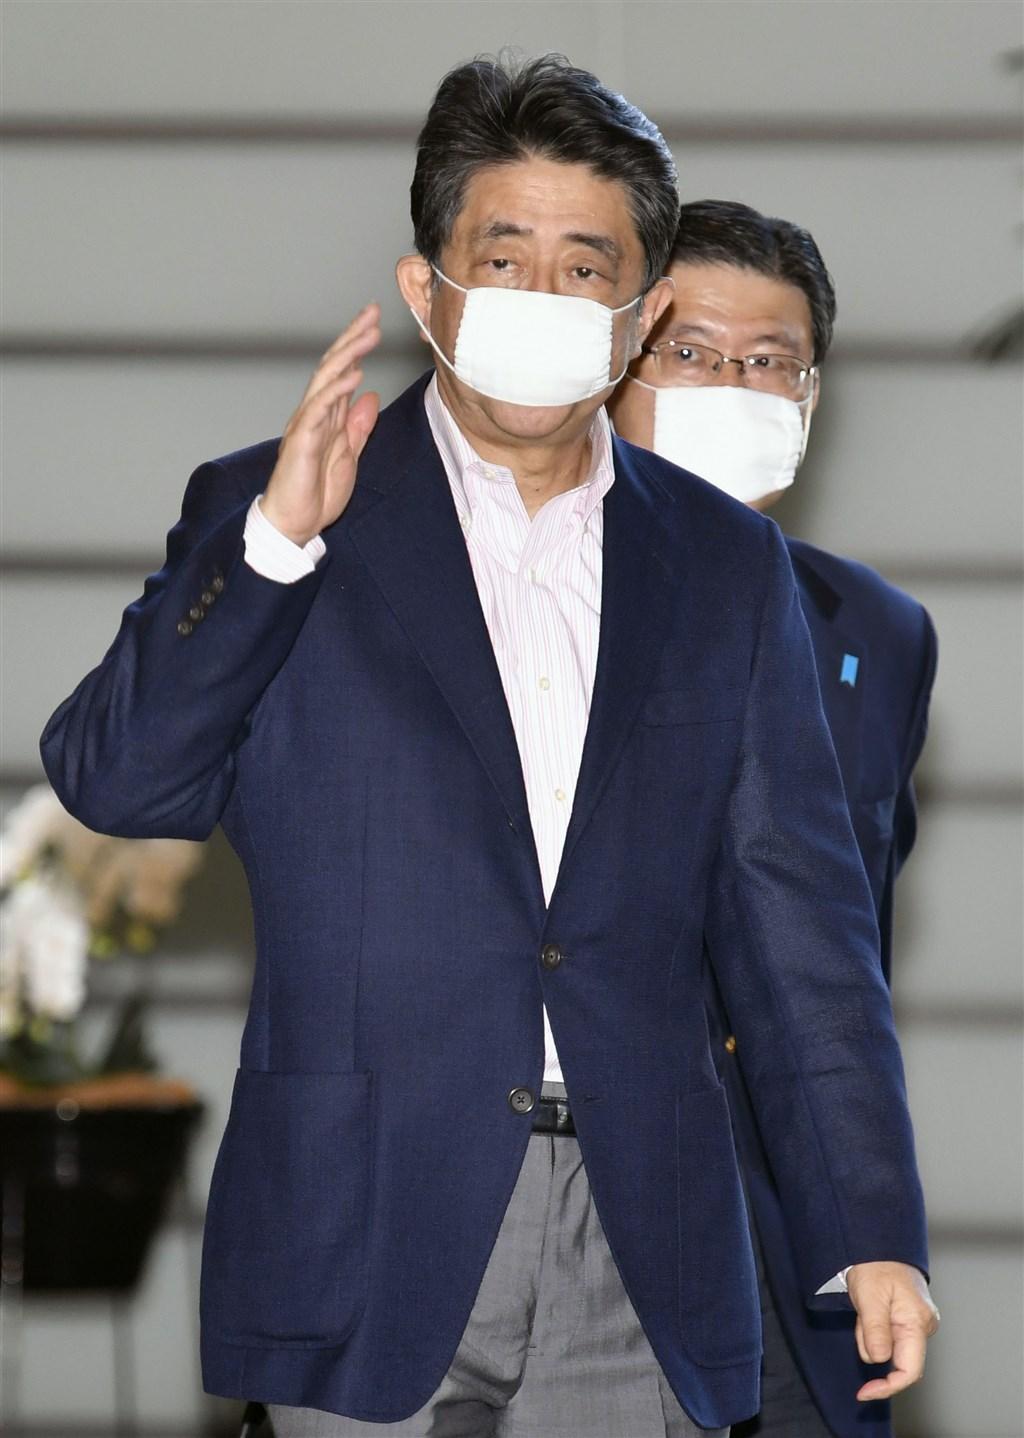 日本朝日新聞最新民調顯示,首相安倍晉三(前)內閣支持率29%,創2012年12月執政以來新低點。(共同社提供)